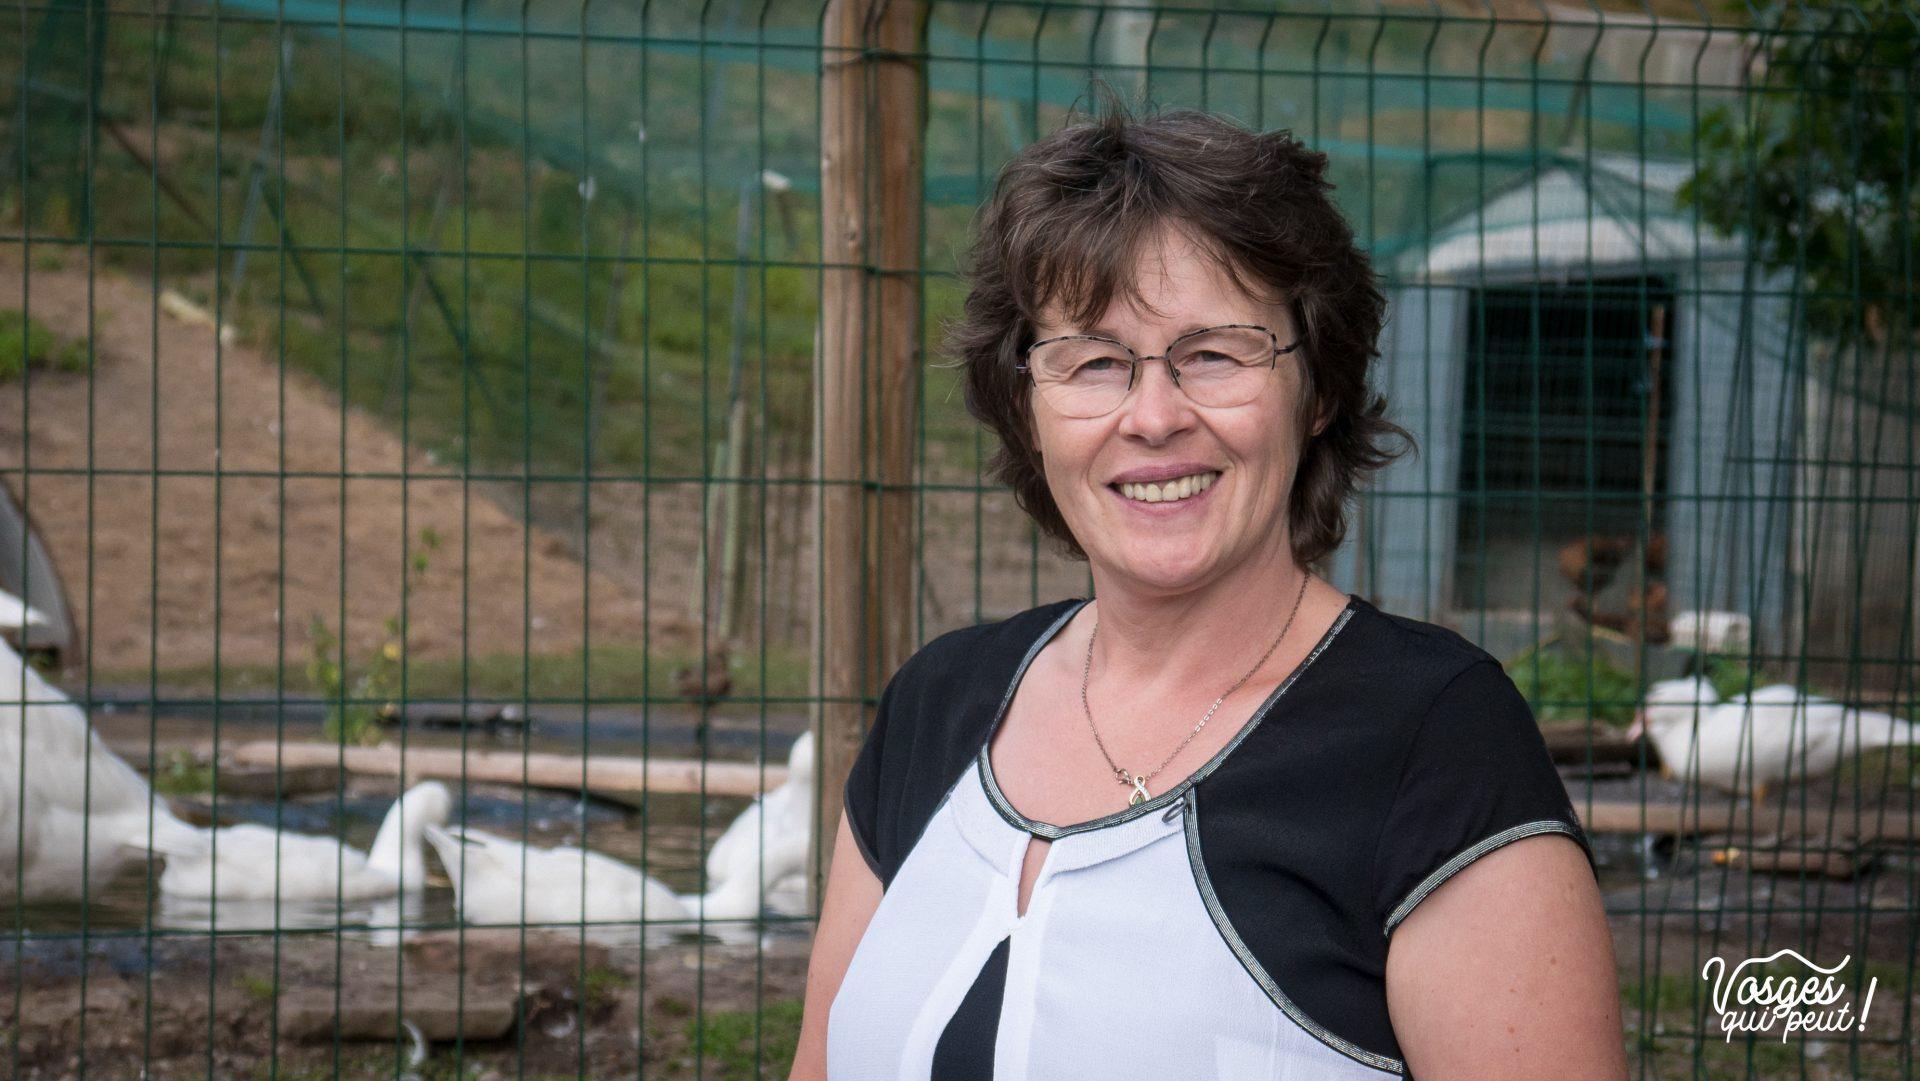 Colette Baecher, à la tête de la ferme-auberge du Charapont dans la vallée de la Bruche